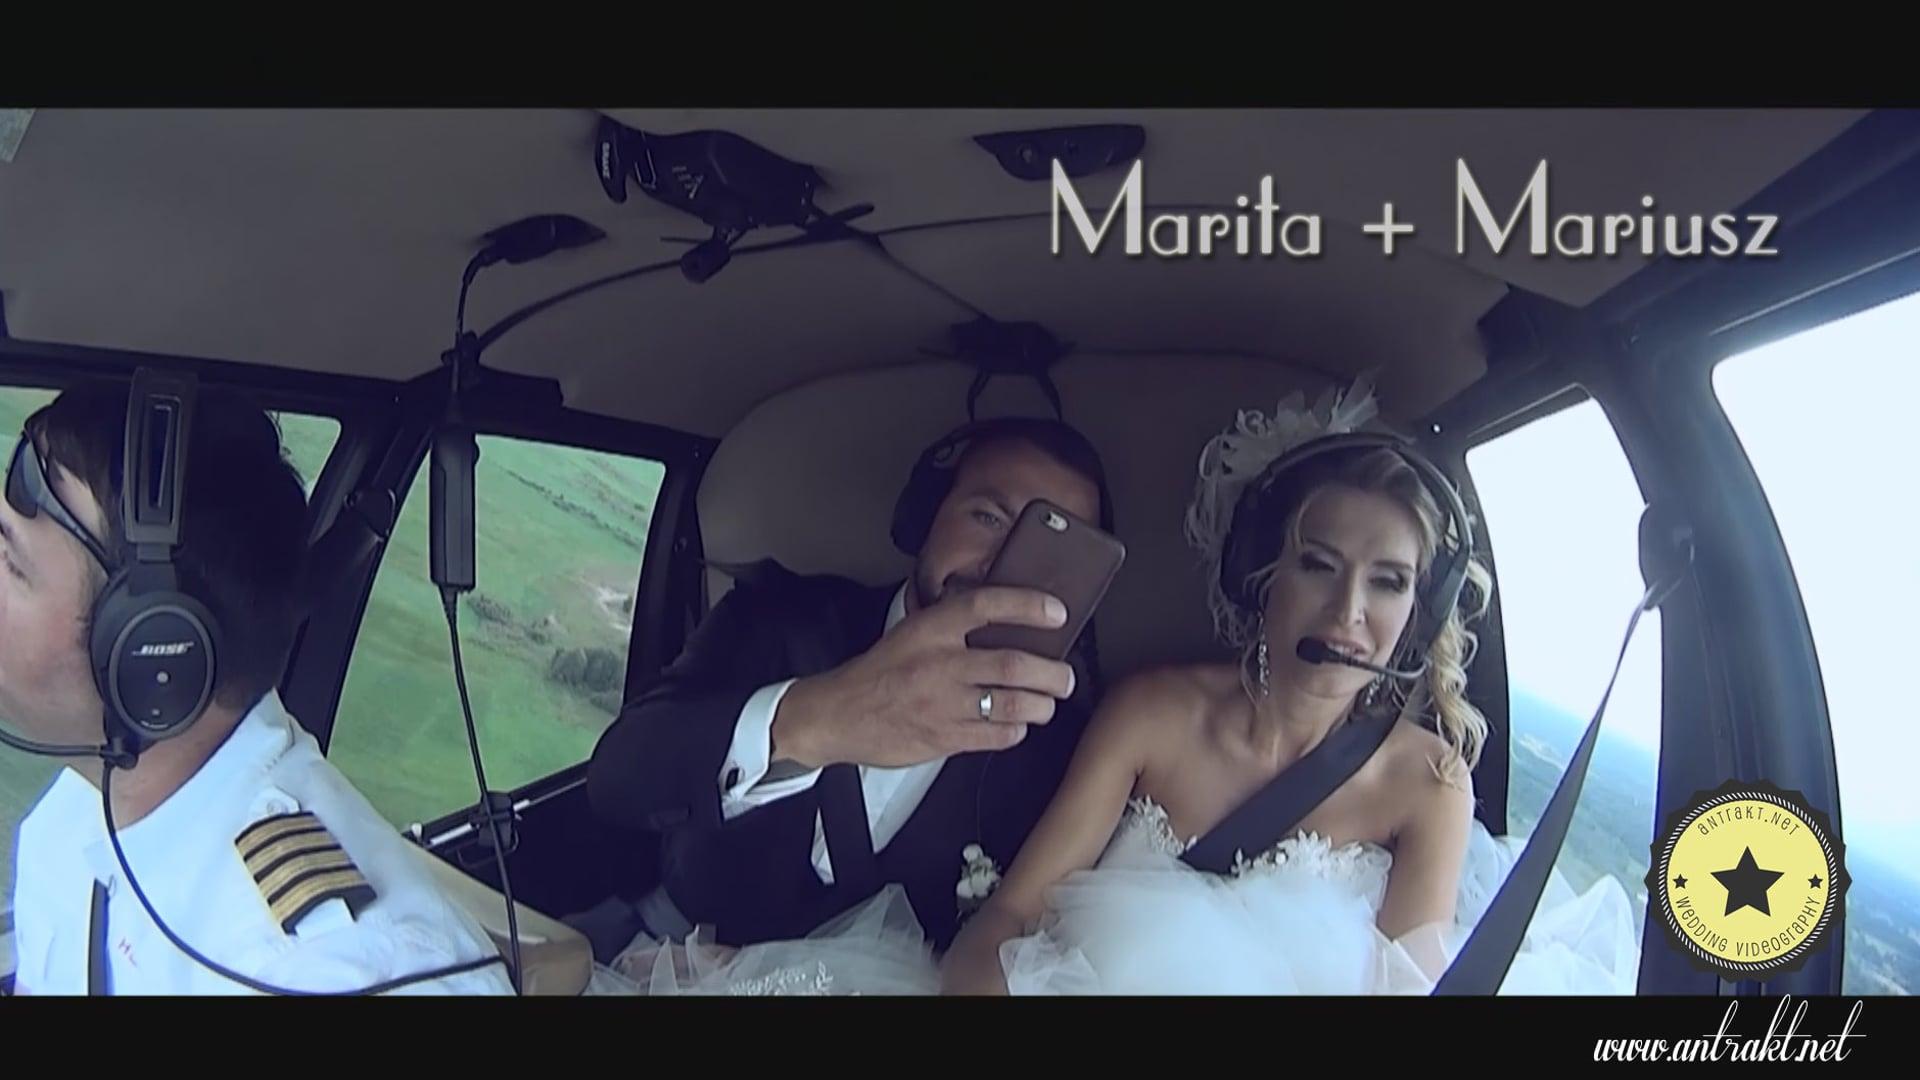 MARITA & MARIUSZ